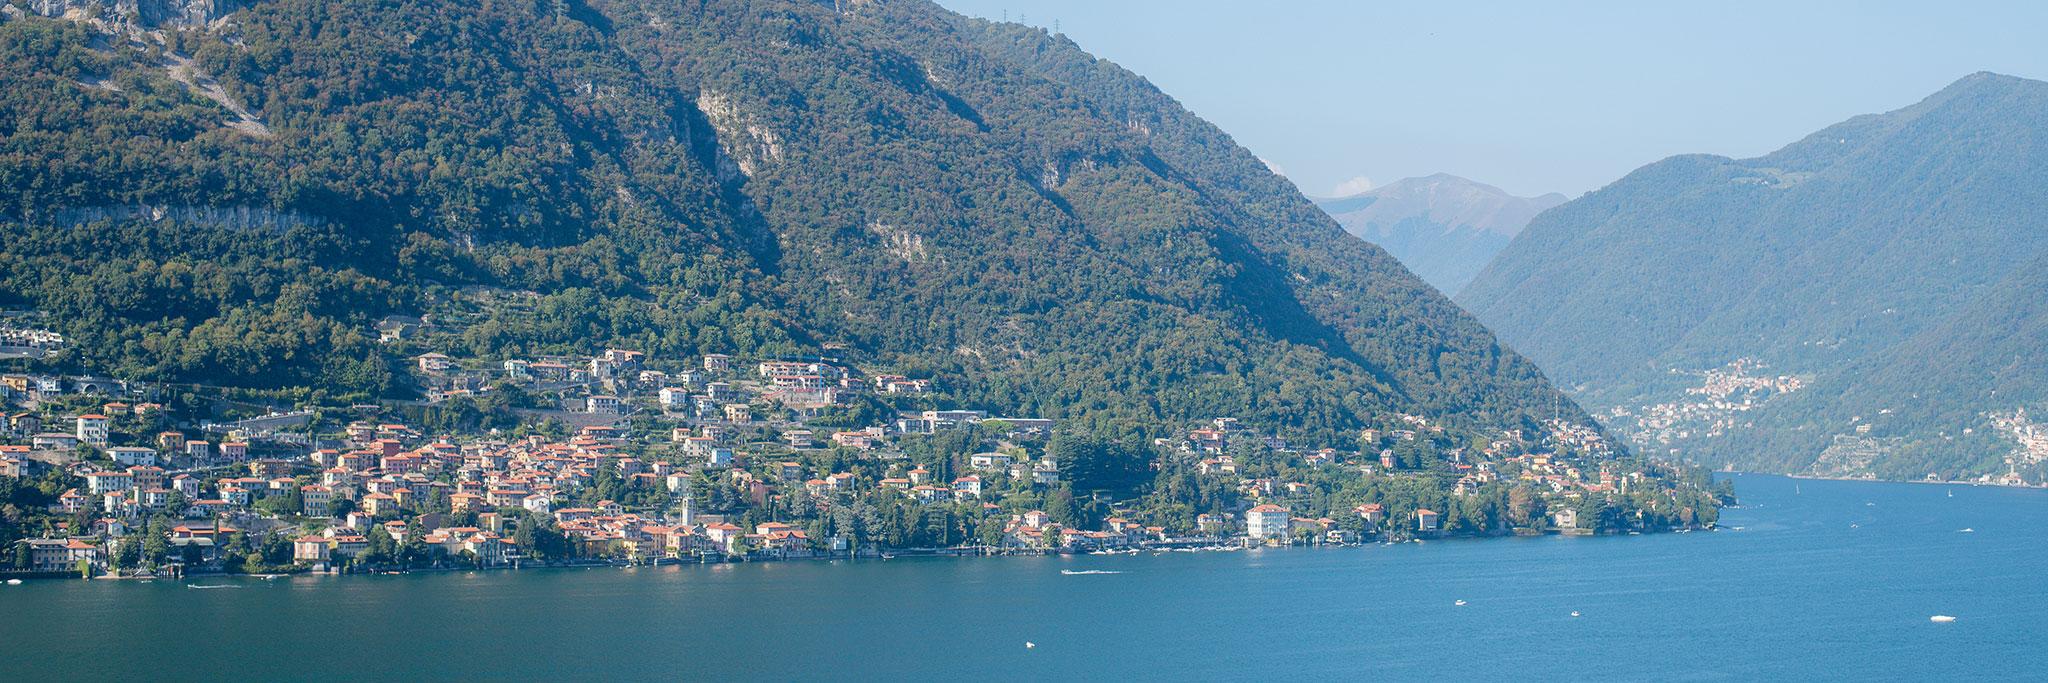 Itaalia